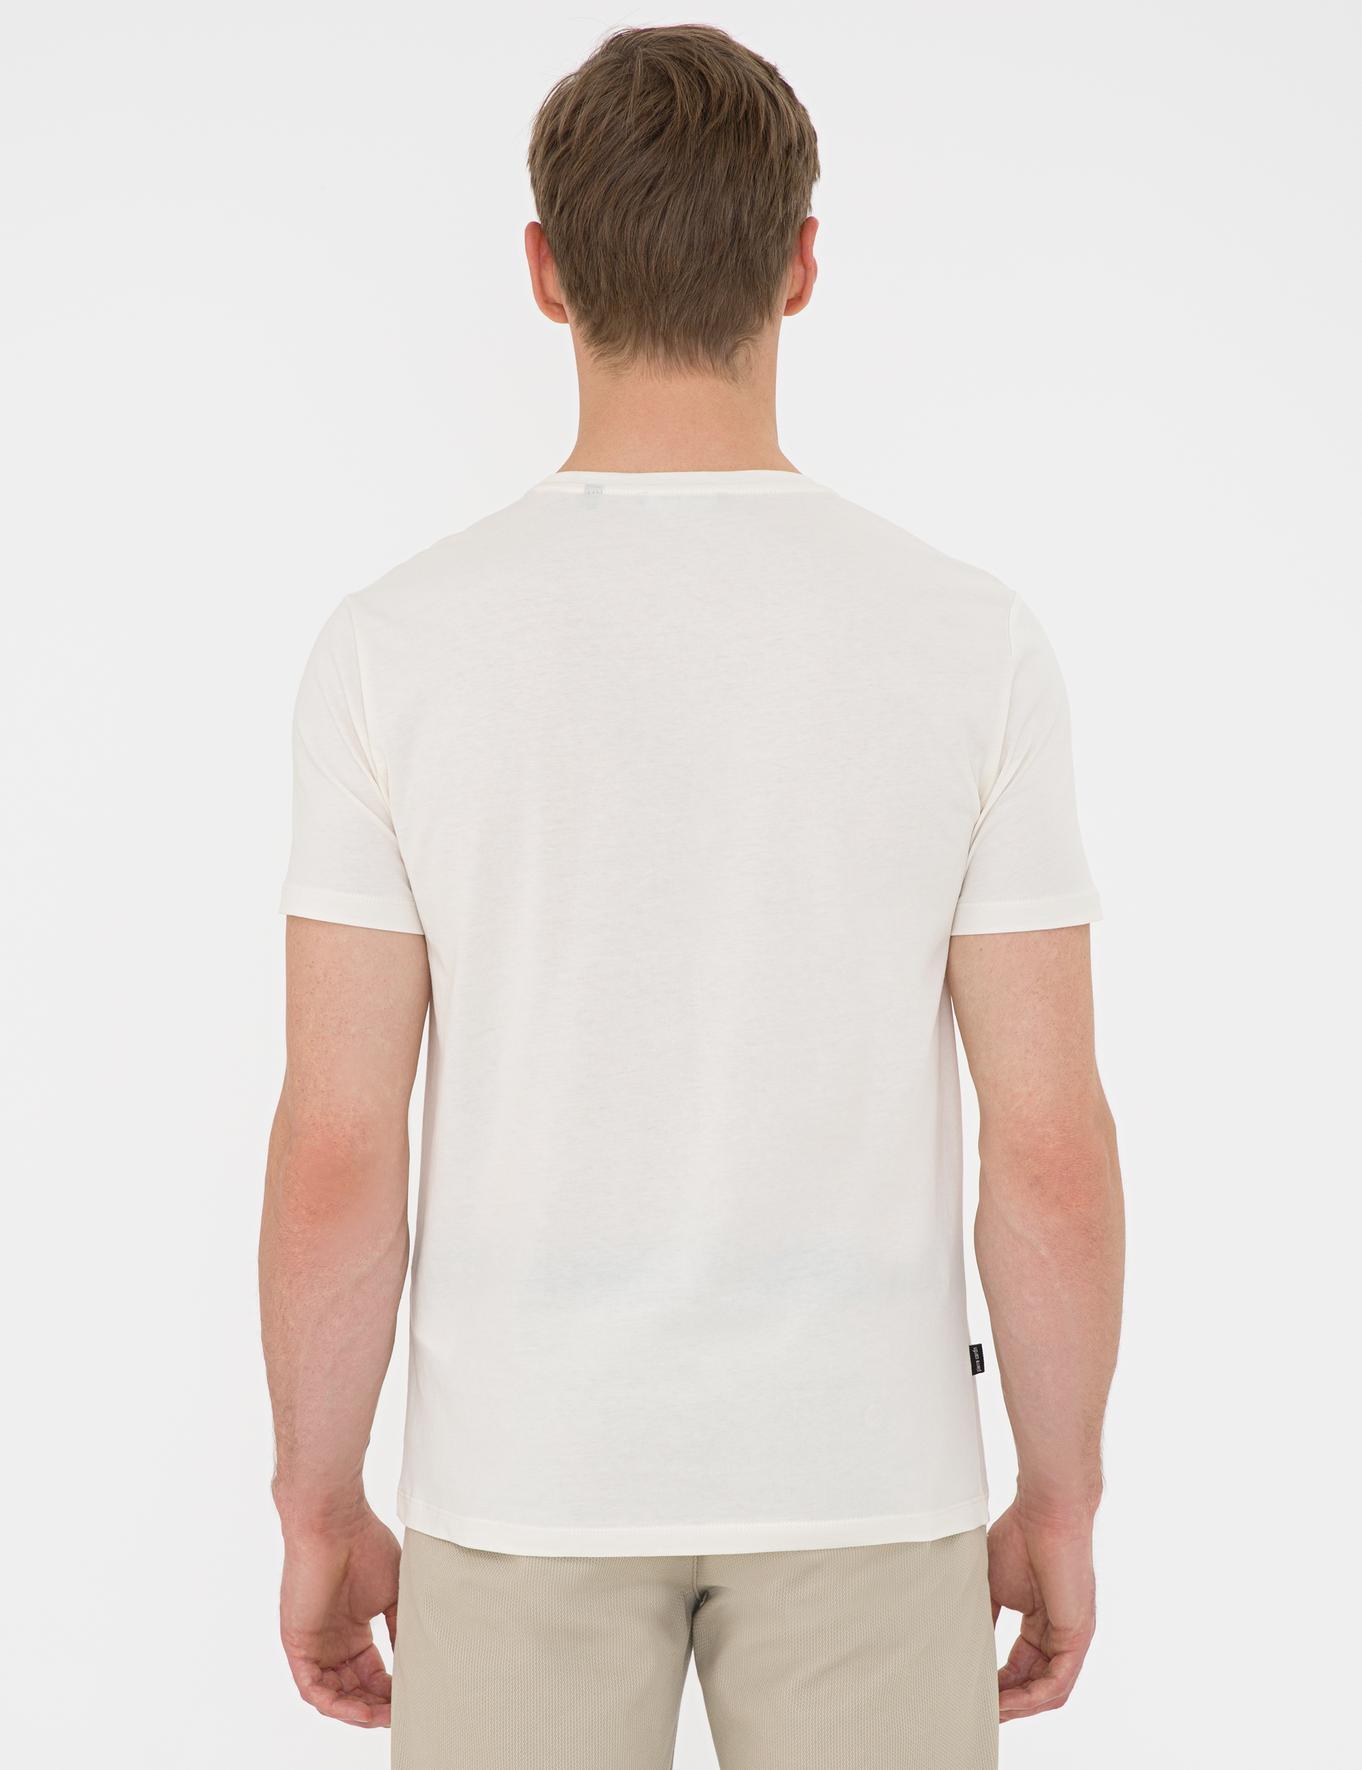 Bej Slim Fit Bisiklet Yaka T-Shirt